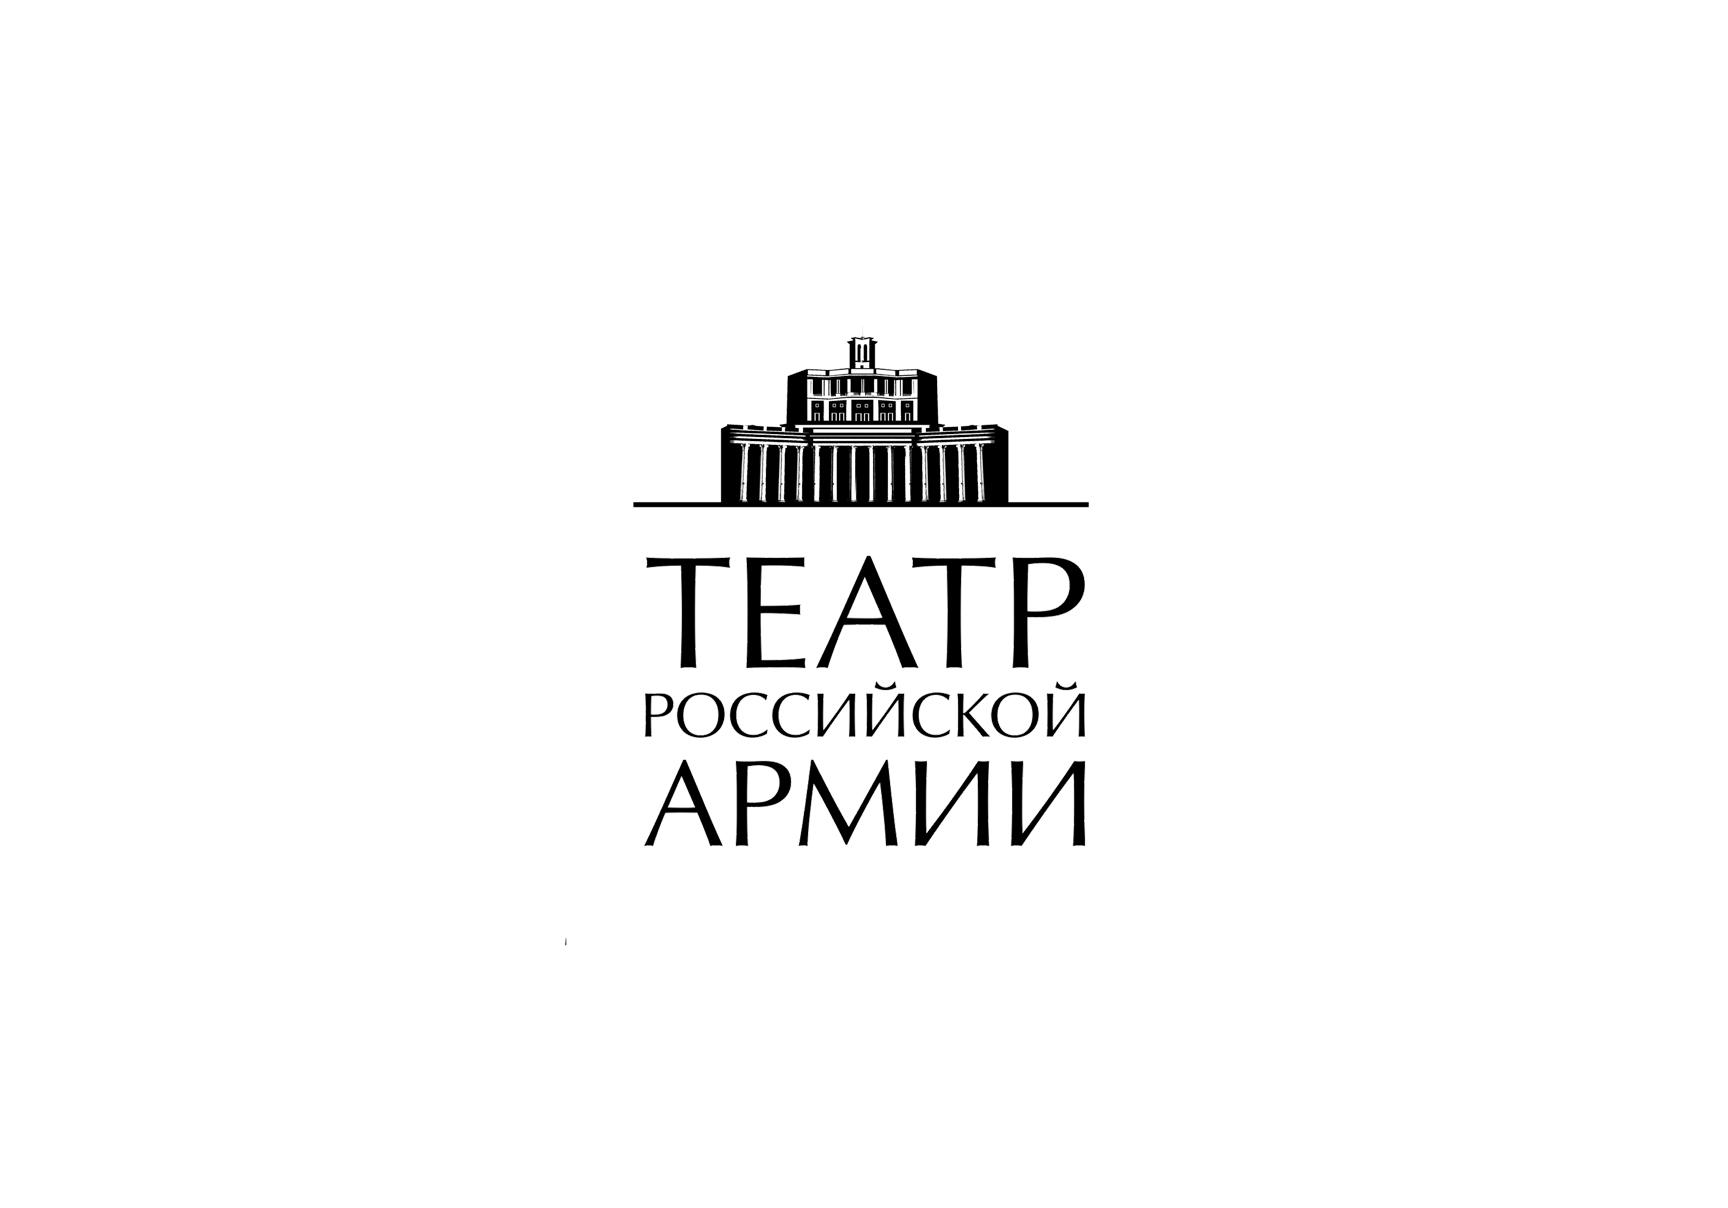 Разработка логотипа для Театра Российской Армии фото f_054588cf6a3f0490.jpg